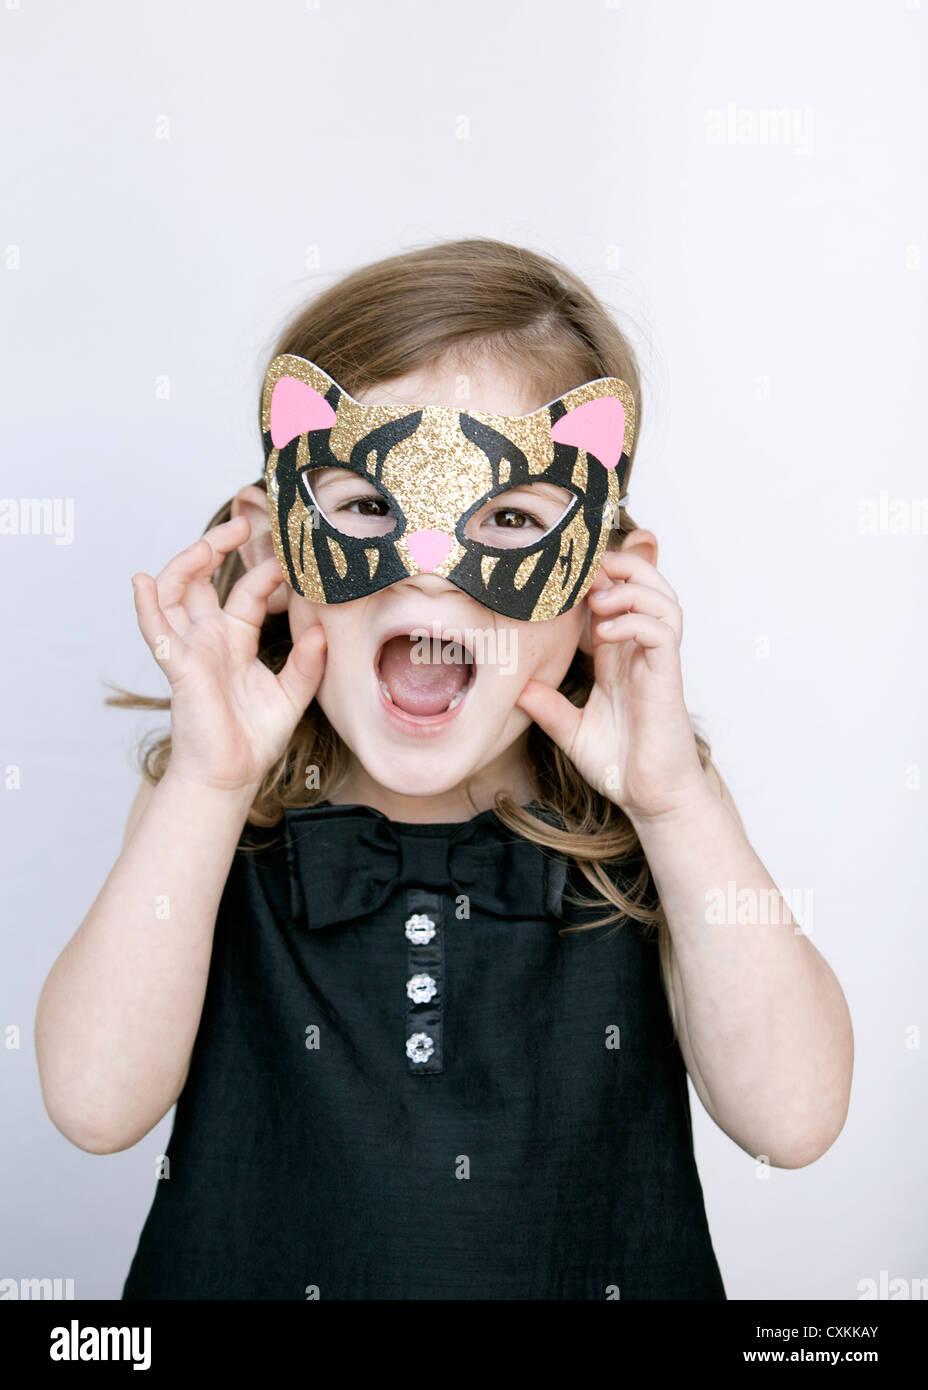 Bambina con tiger mask Immagini Stock